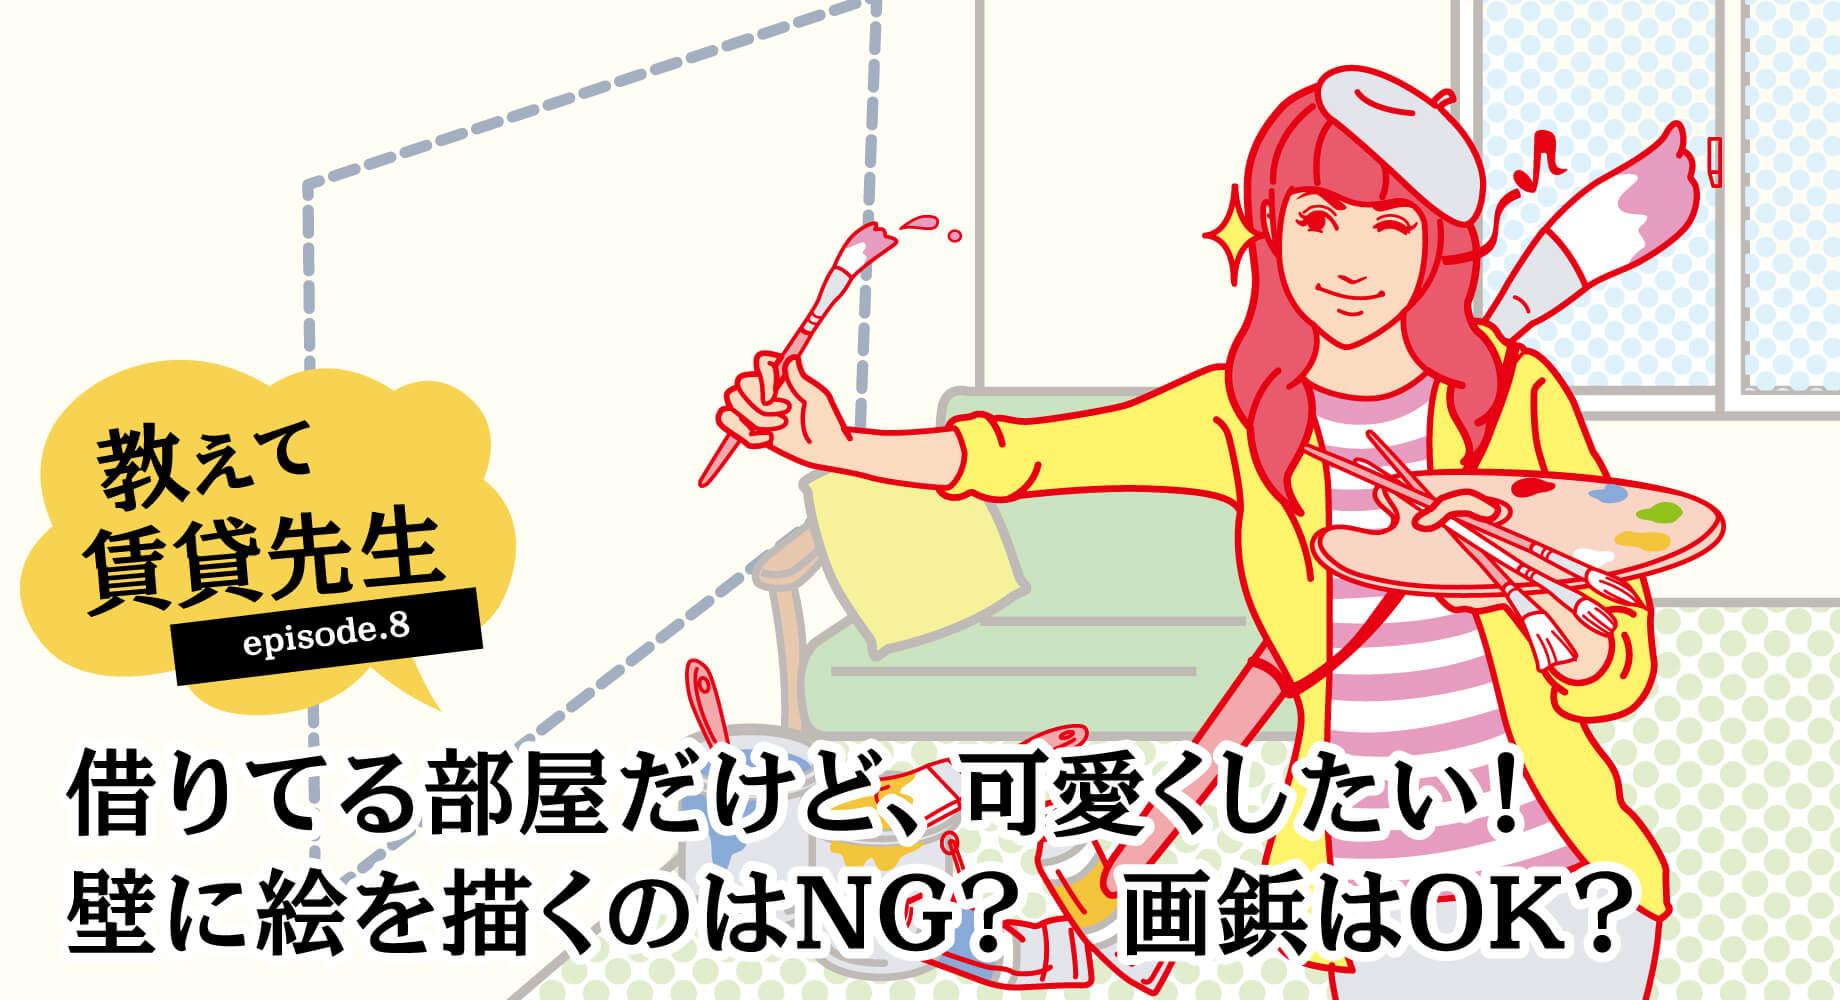 [episode.8]借りてる部屋だけど、可愛くしたい! 壁に絵を描くのはNG? 画鋲はOK?